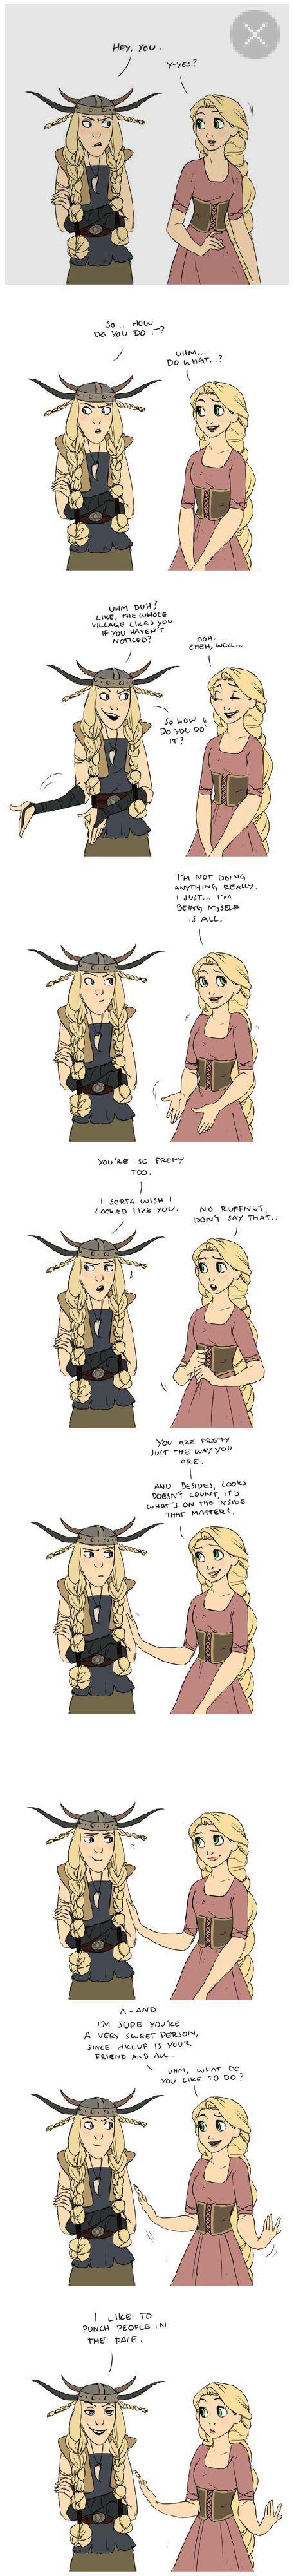 Ruffnut and Rapunzel. Just a little talk